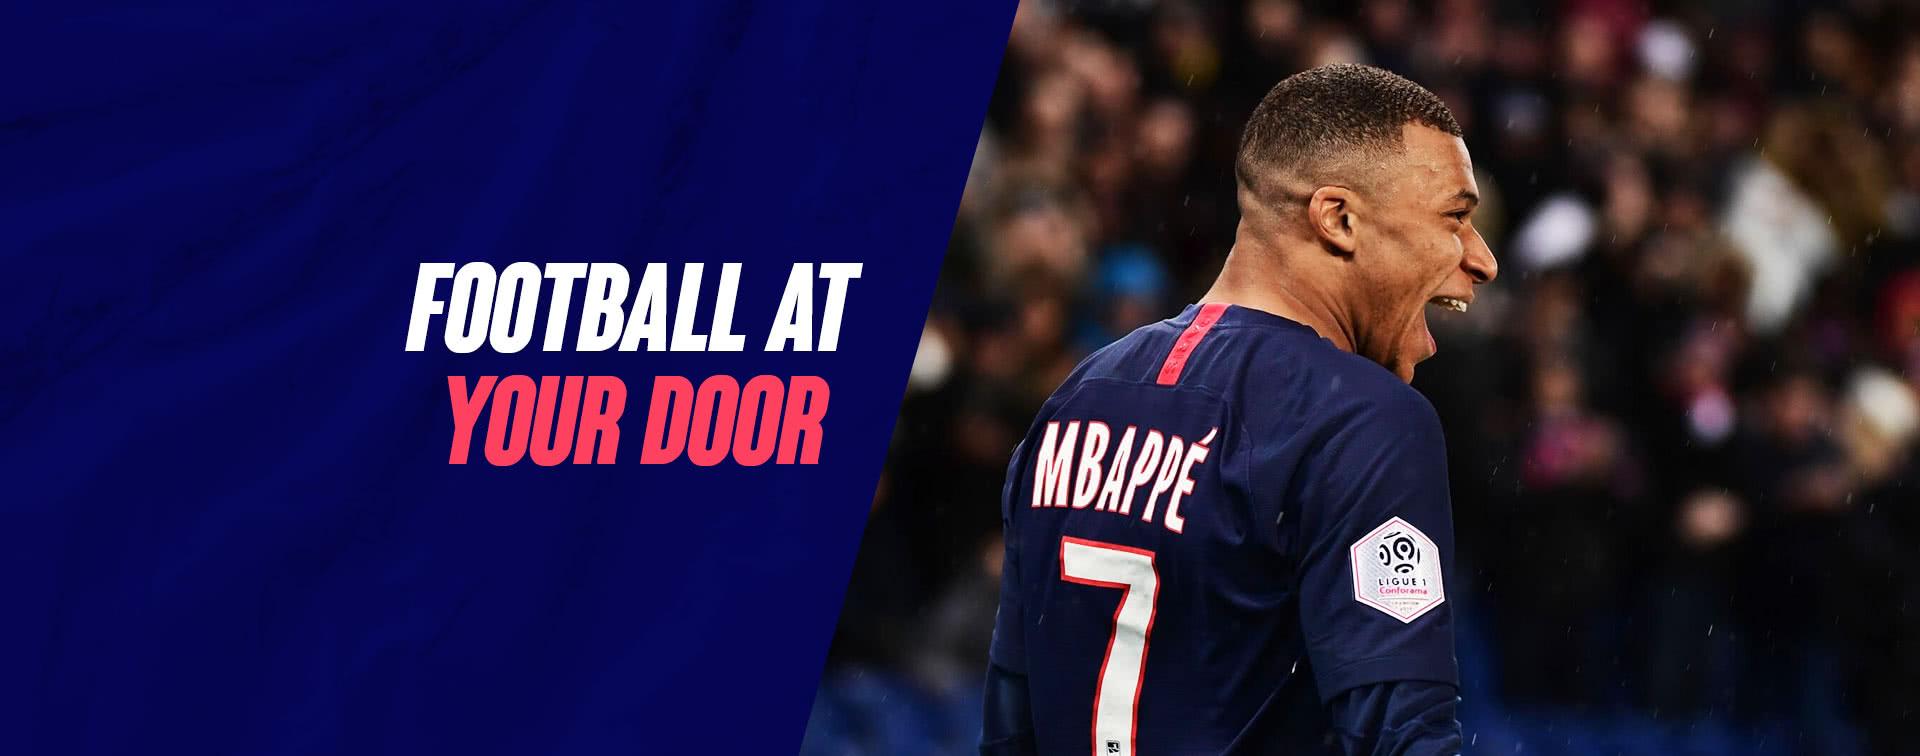 Football at your door